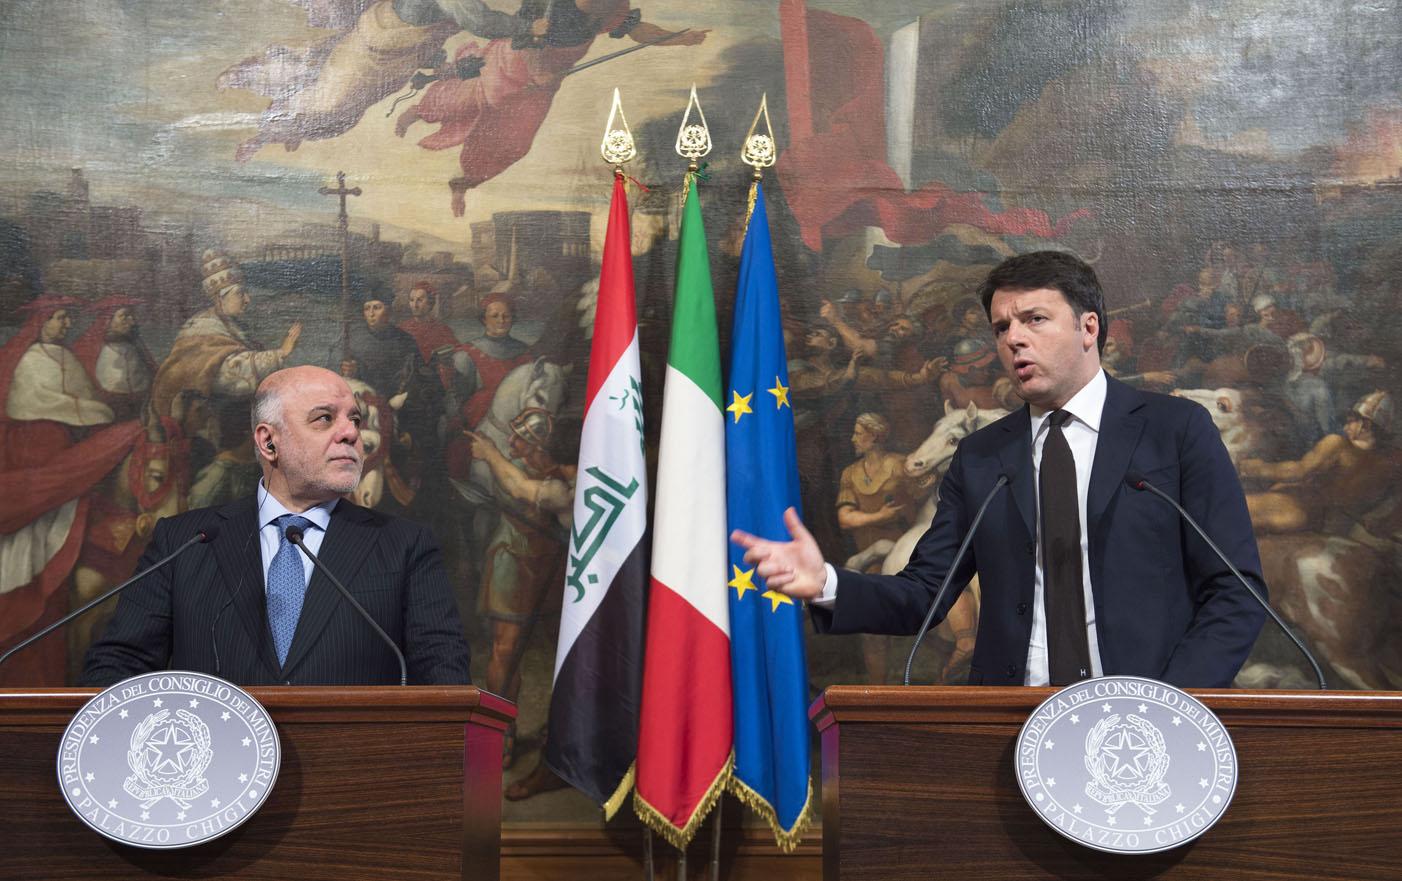 Renzi incontra premier Iraq Al Abadi a Roma: insieme nella lotta contro Daesh e per la sicurezza dell'area